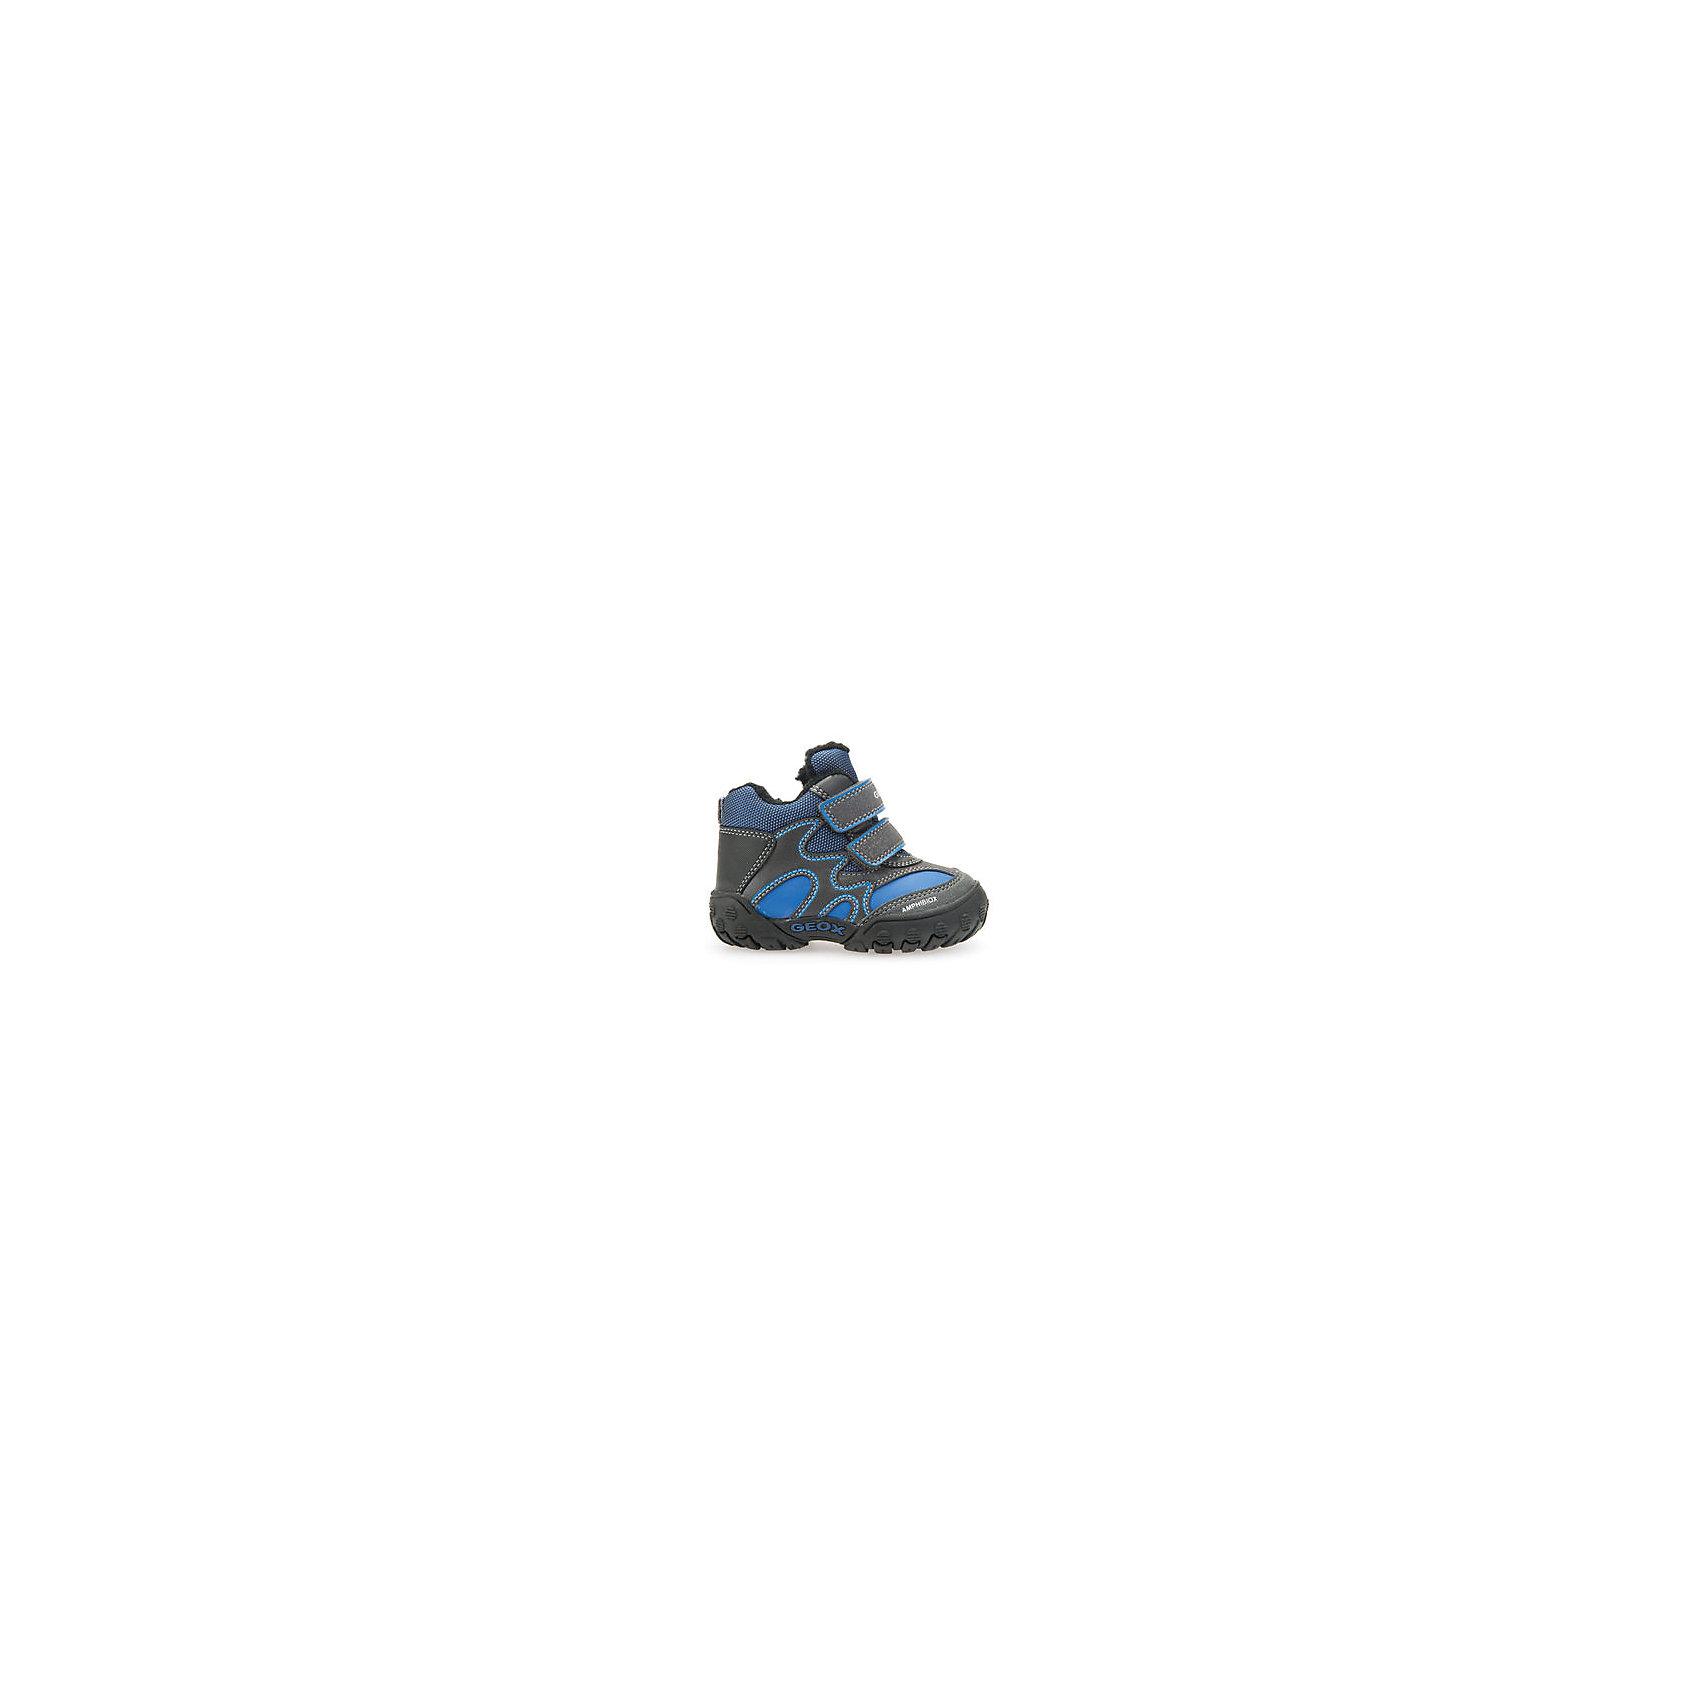 Ботинки для мальчика GeoxОбувь для малышей<br>Ботинки GEOX (ГЕОКС)<br>Ботинки от GEOX (ГЕОКС), выполненные из искусственной кожи и прочного текстиля, идеально подходят для холодной погоды. Плотная мягкая подкладка из искусственного меха согревает чувствительные детские ноги. Текстильная стелька улучшает тепловое сопротивление в холодных условиях, повышая температуру внутри обуви. Влага не застаивается в обуви, благодаря чему создается идеальный микроклимат, который держит ноги теплыми и сухими, и позволяет им дышать естественно. Застежки-липучки облегчают снимание и надевание обуви и надежно фиксируют ее на ногах. Колодка соответствует анатомическим особенностям строения детской стопы. Качественная амортизация снижает нагрузку на суставы. Запатентованная гибкая перфорированная подошва со специальной микропористой мембраной обеспечивает естественное дыхание обуви, не пропускает воду, не скользит.<br><br>Дополнительная информация:<br><br>- Сезон: зима<br>- Цвет: синий, серый<br>- Материал верха: искусственная кожа, текстиль<br>- Внутренний материал: искусственный мех<br>- Материал стельки: текстиль<br>- Материал подошвы: резина<br>- Тип застежки: липучки<br>- Технология Amphibiox<br>- Материалы и продукция прошли специальную проверку T?V S?D, на отсутствие веществ, опасных для здоровья покупателей<br><br>Ботинки GEOX (ГЕОКС) можно купить в нашем интернет-магазине.<br><br>Ширина мм: 257<br>Глубина мм: 180<br>Высота мм: 130<br>Вес г: 420<br>Цвет: синий<br>Возраст от месяцев: 36<br>Возраст до месяцев: 48<br>Пол: Мужской<br>Возраст: Детский<br>Размер: 27,23,24,25,26<br>SKU: 4968224